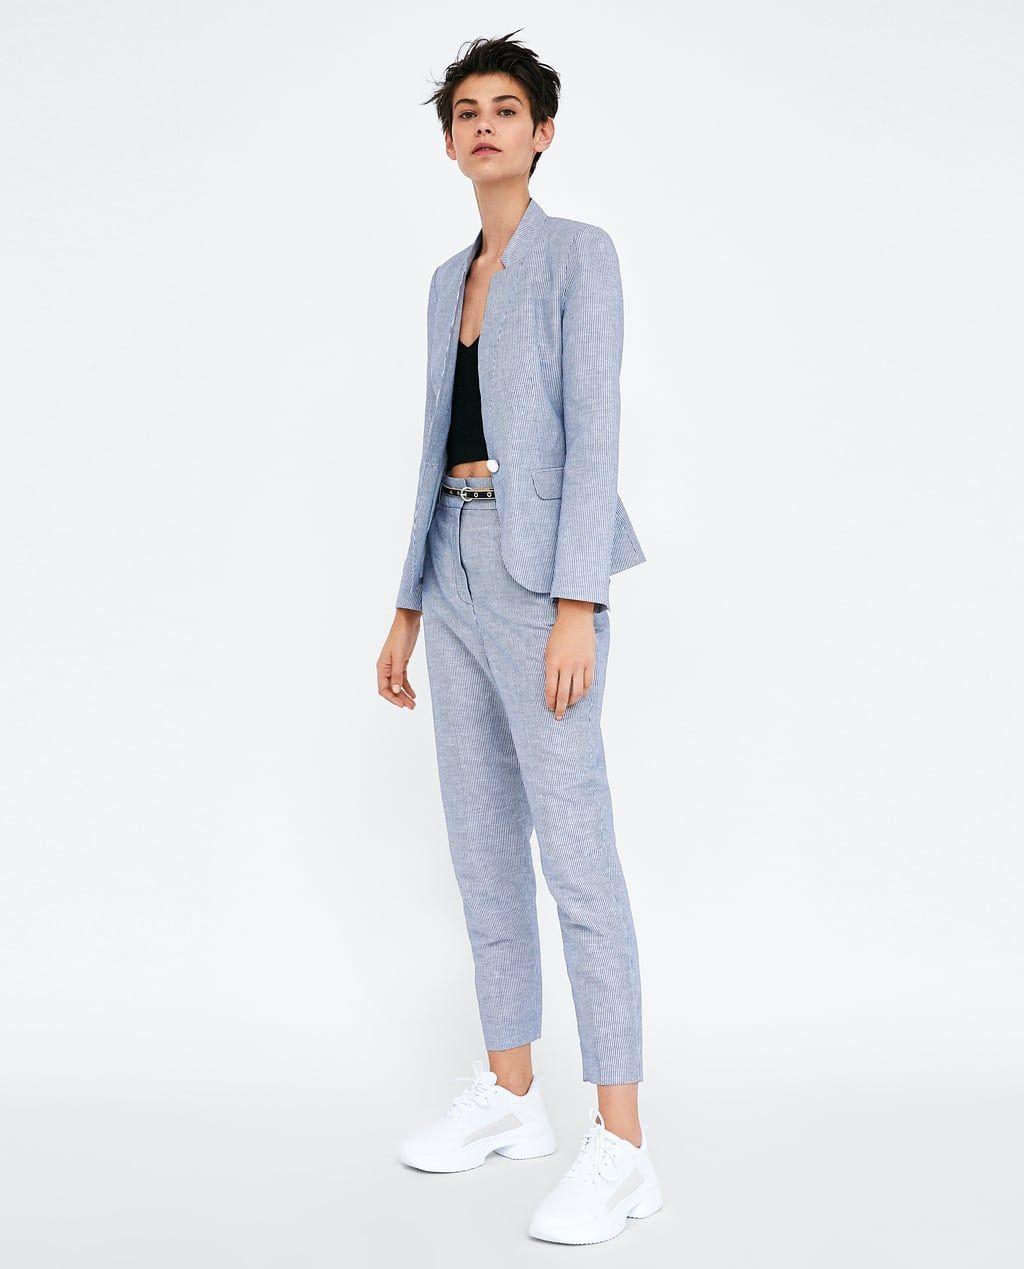 Nieuwe Collectie Kleding.Dames Pakken Nieuwe Collectie Online Zara Nederland Kleding In